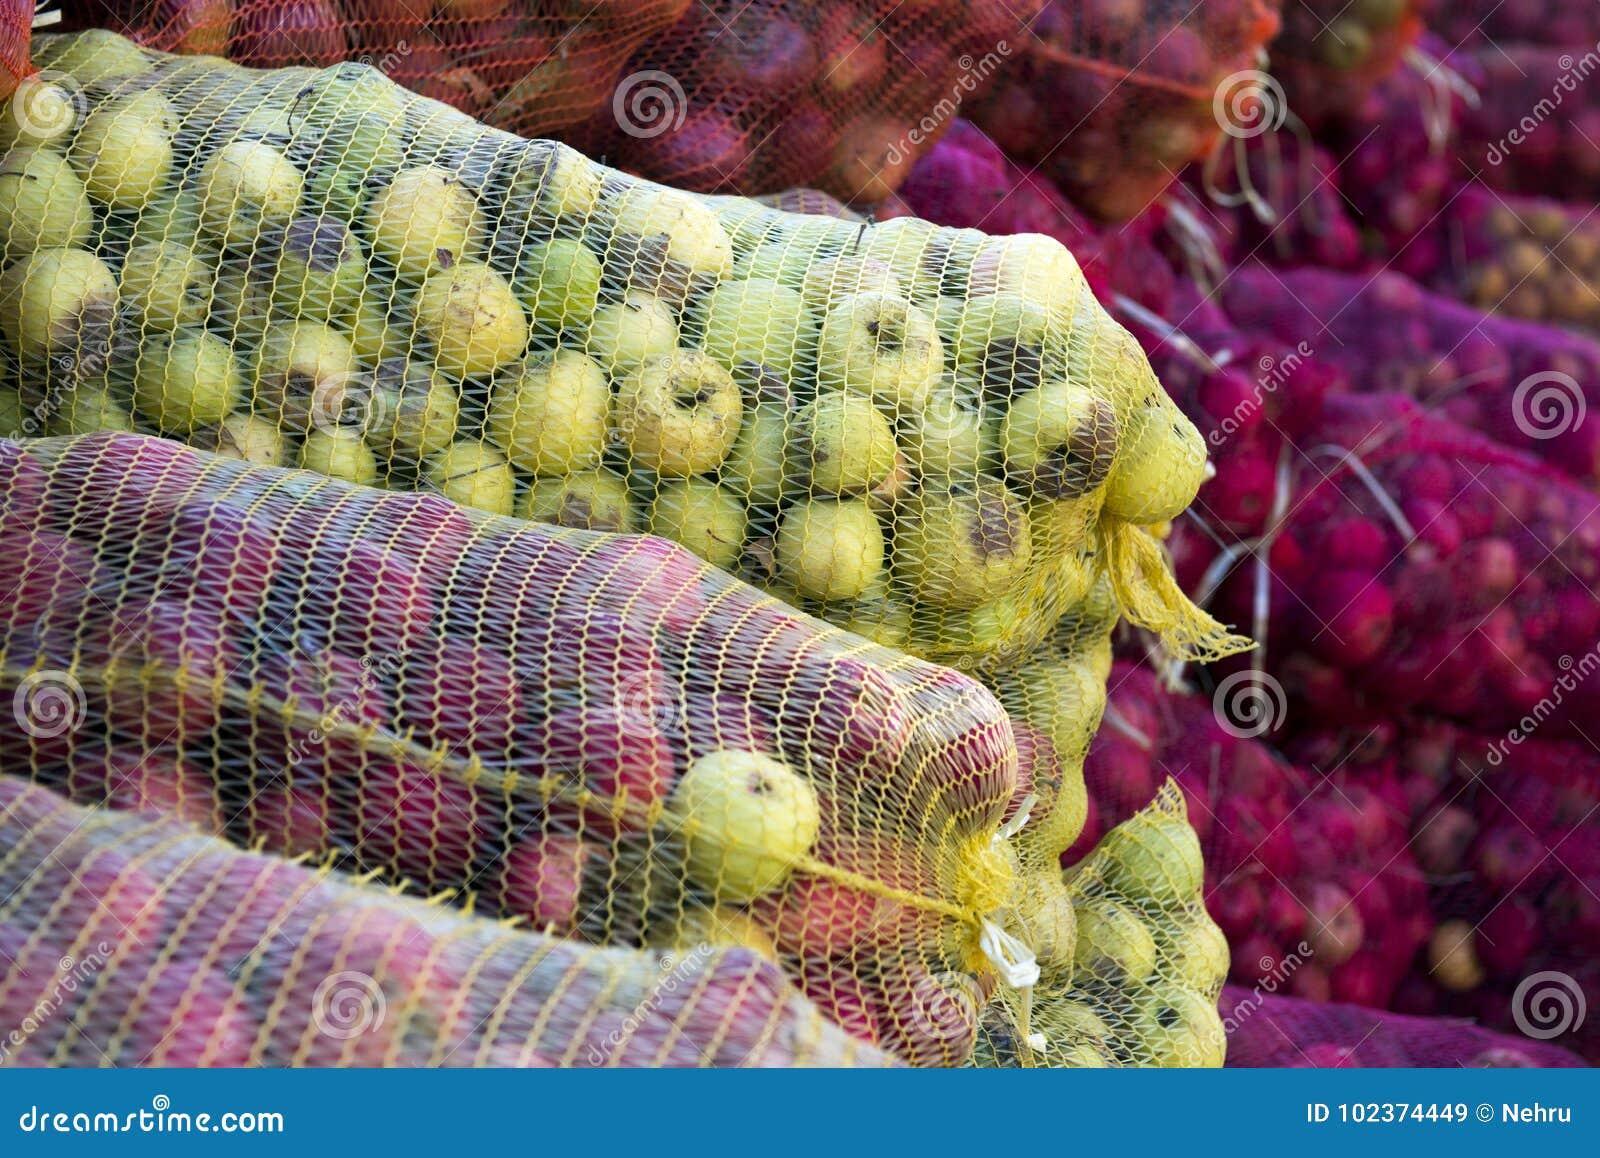 Mogna äpplen för bransch i ett ingrepp hänger löst